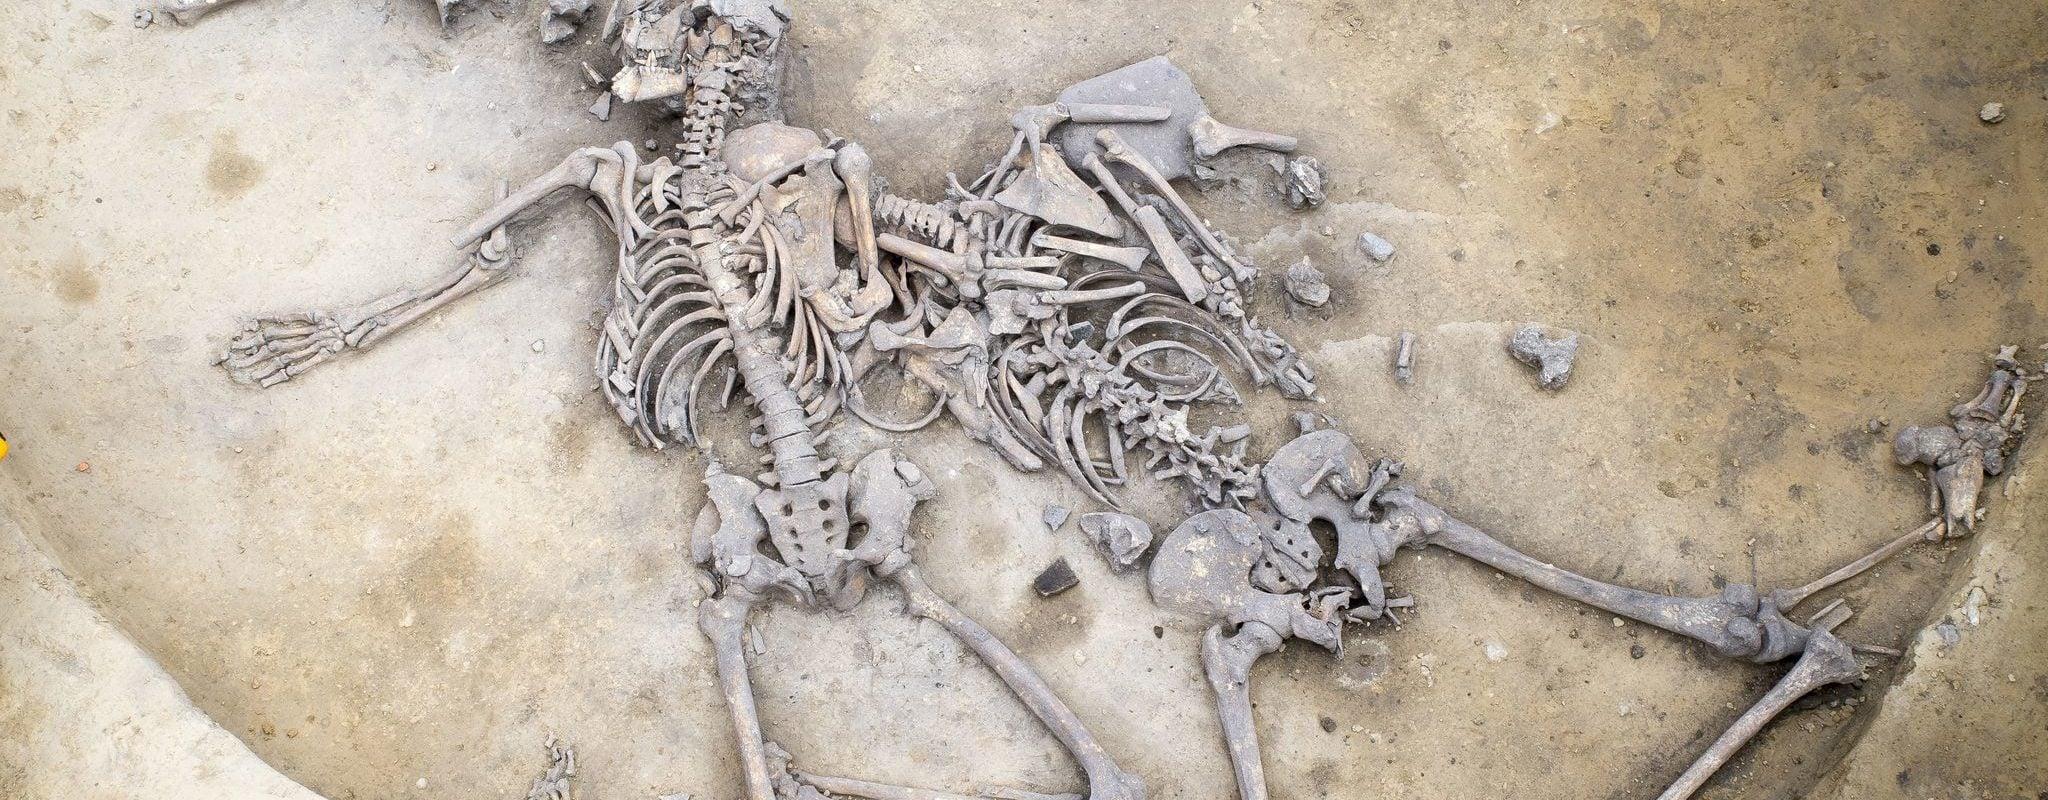 Il y a plus de 6 000 ans, carnage et bain de sang près de Strasbourg